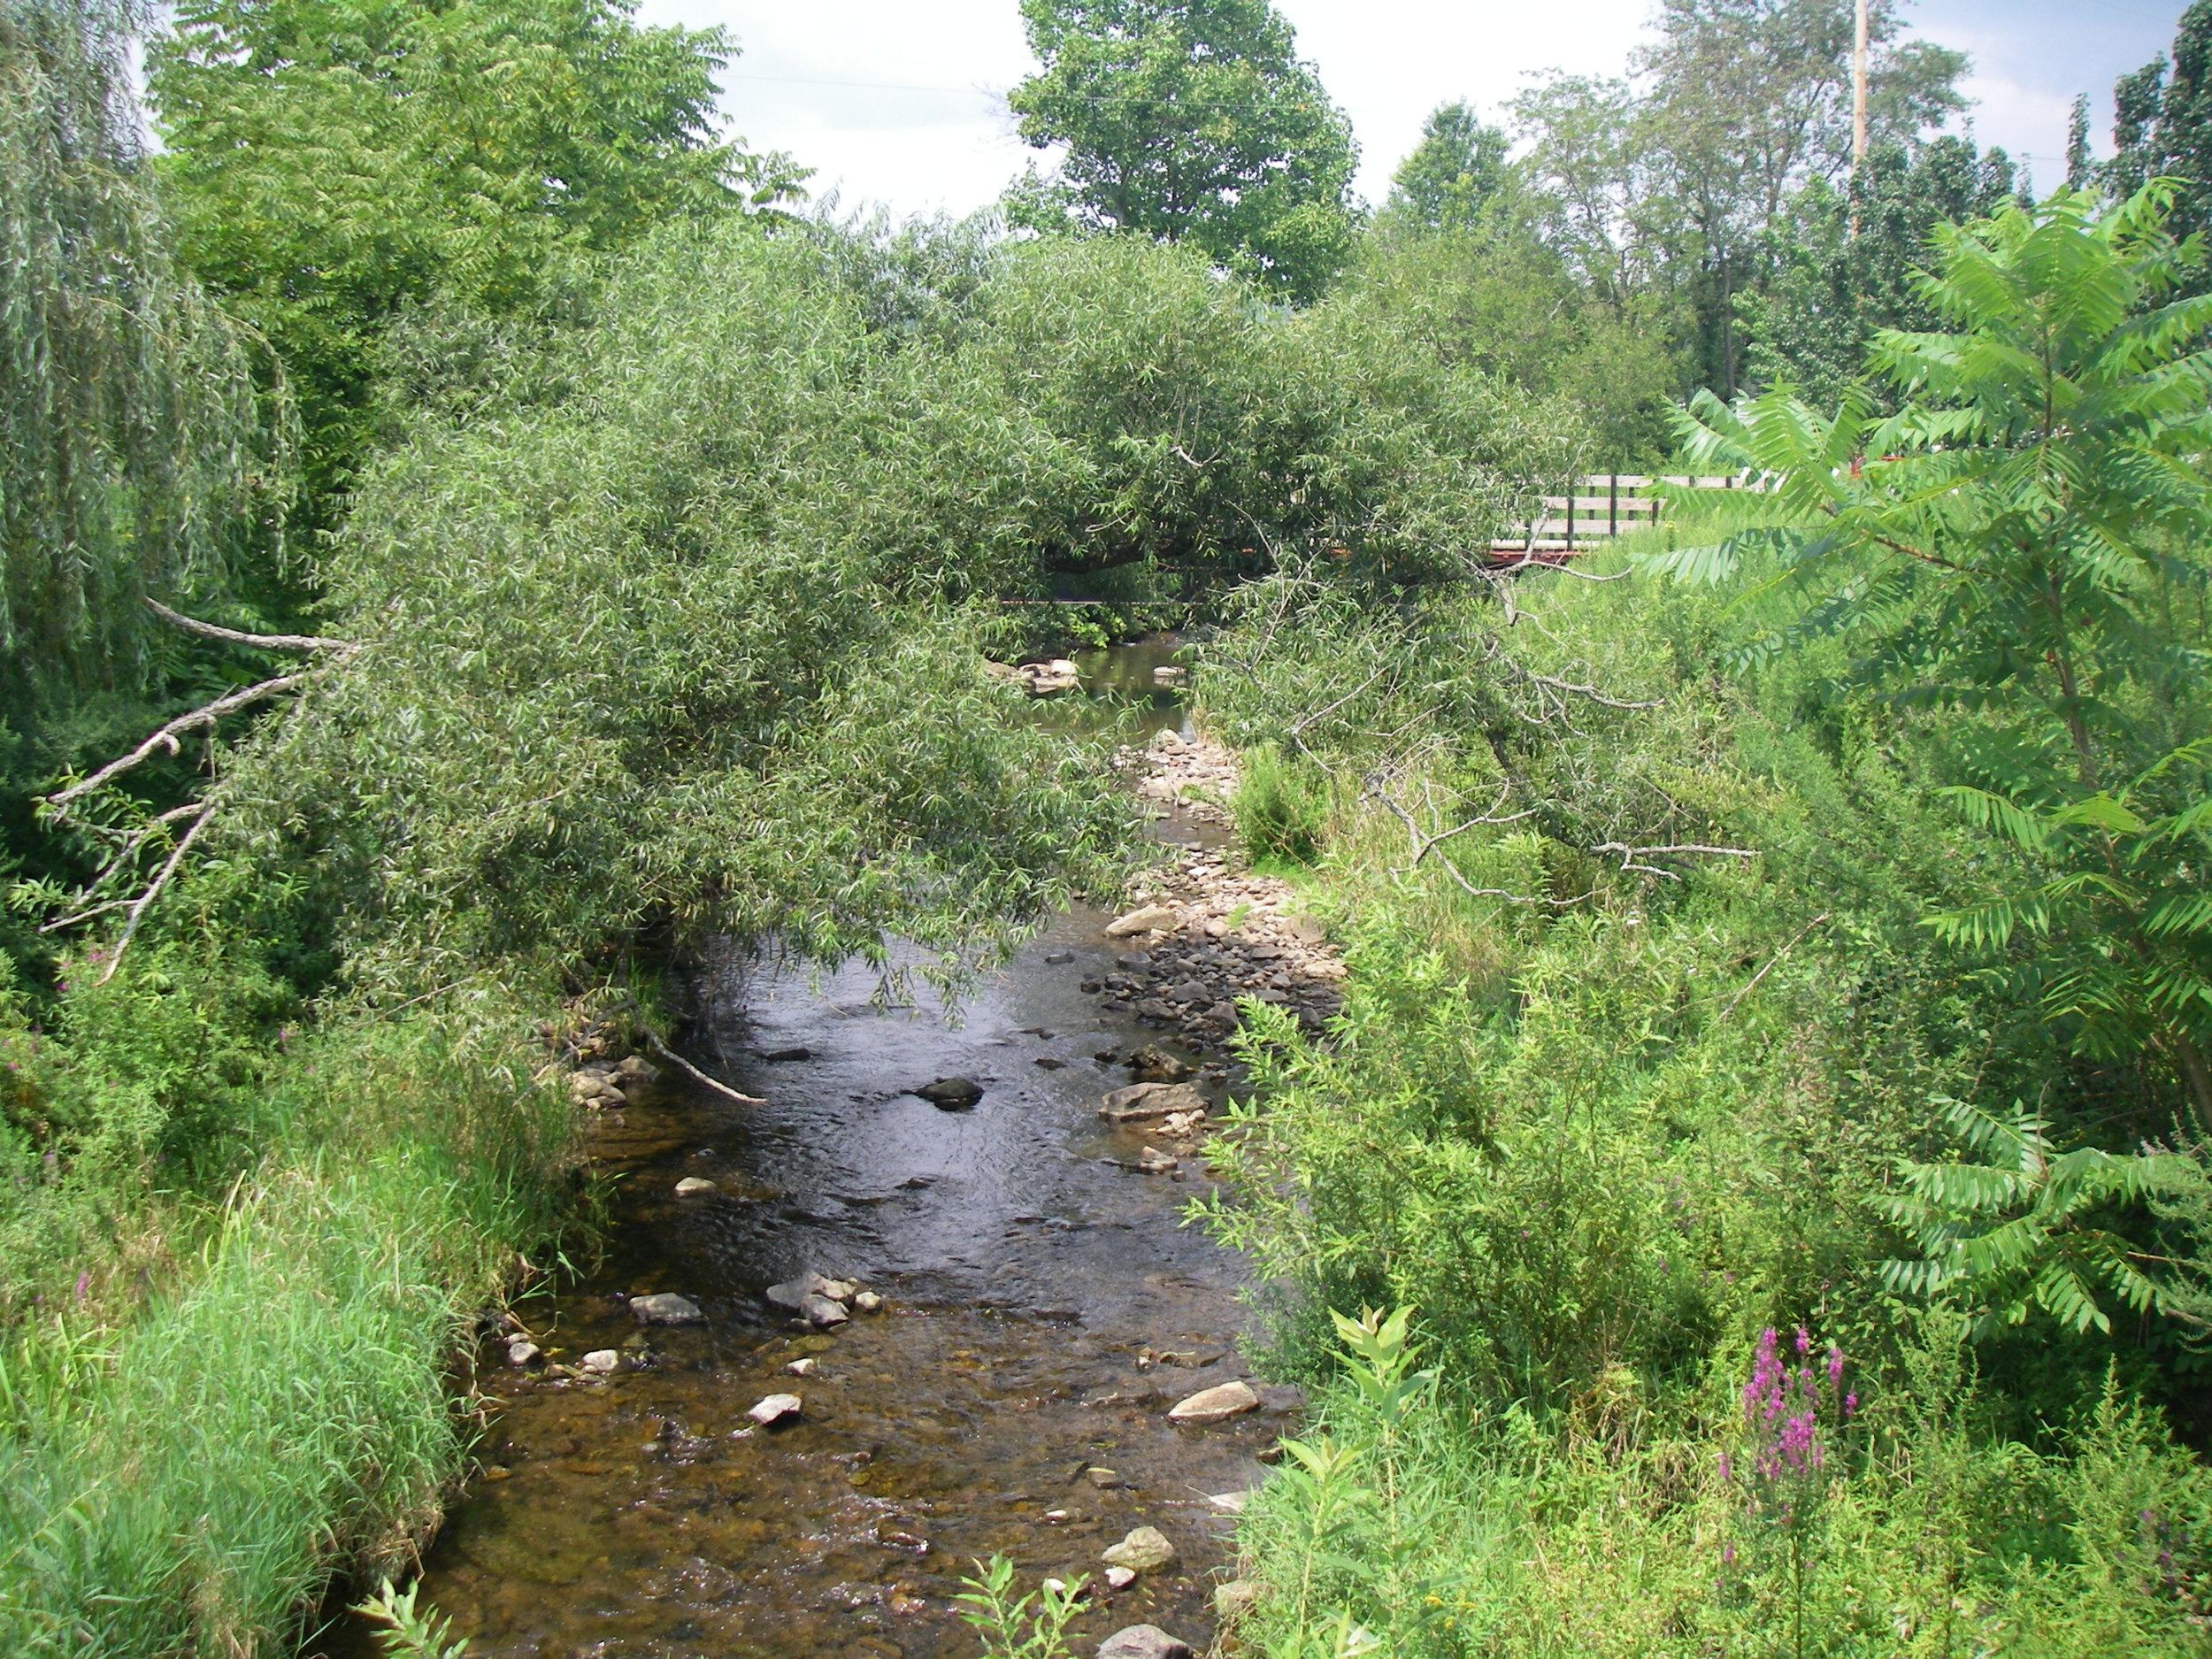 Mulhockaway Creek